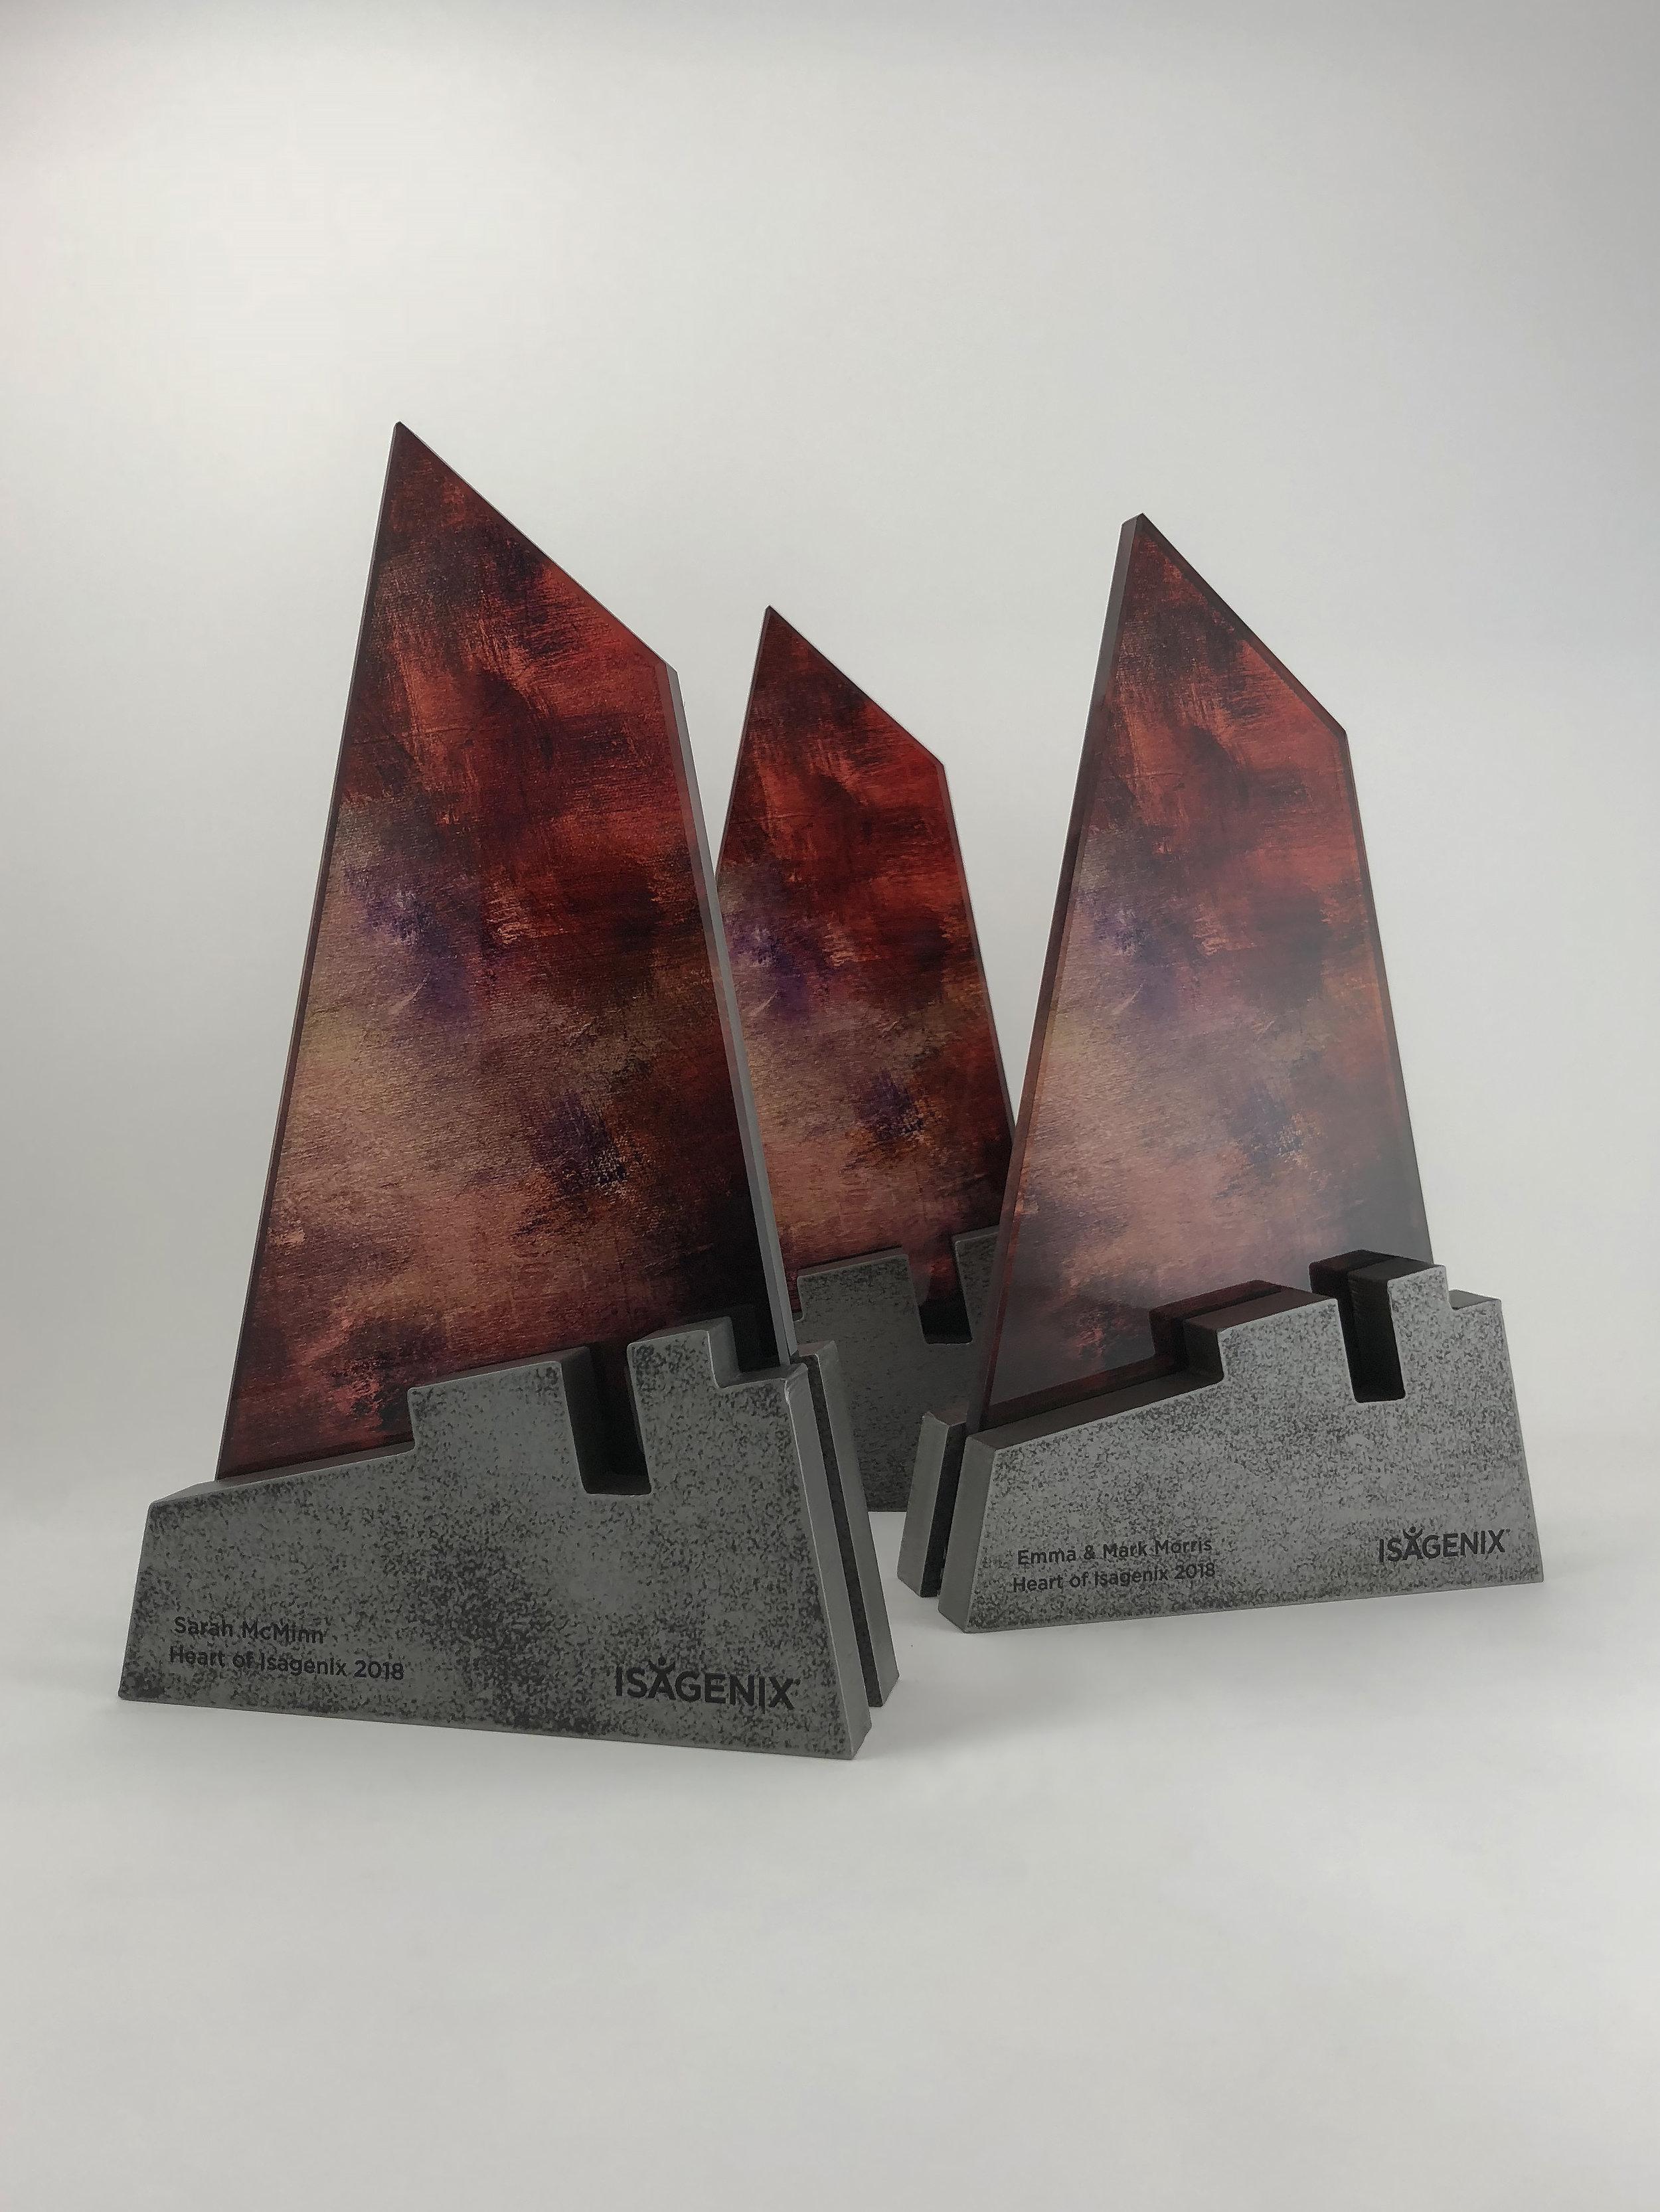 Heart-of-Isagenix-metal-glass-art-award-sculpture-trophy-06.jpg